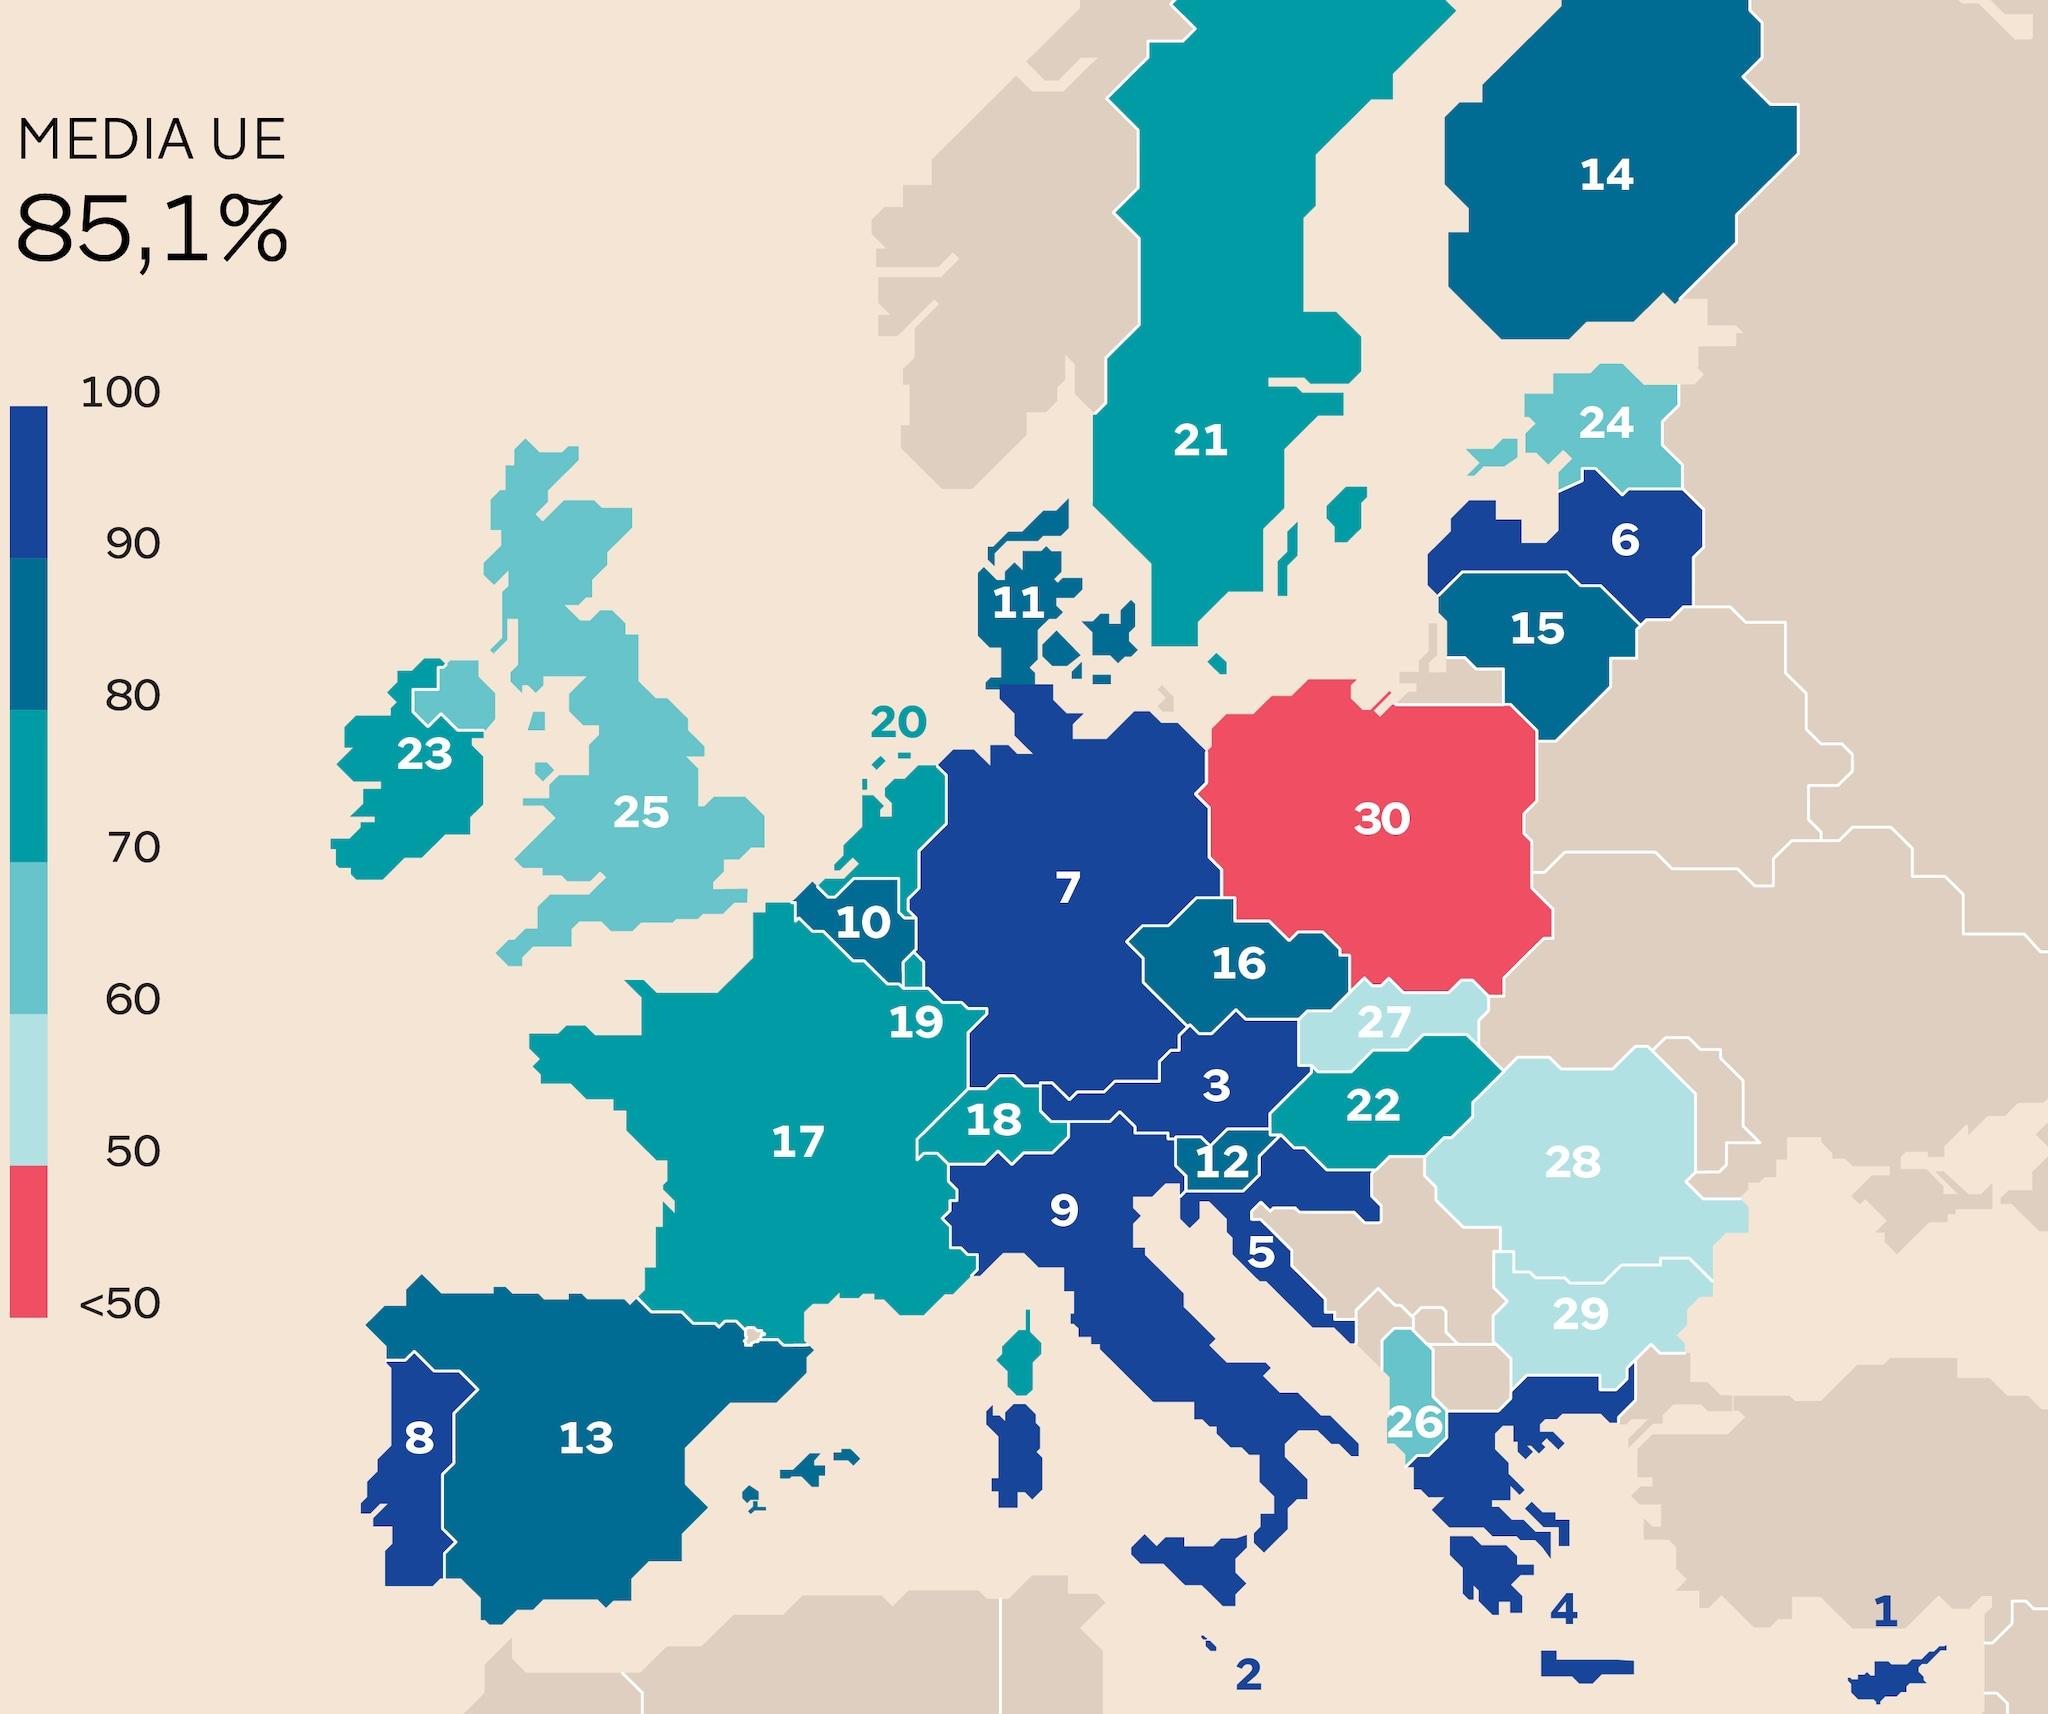 DOVE SI PUÒ FARE IL BAGNO IN EUROPA